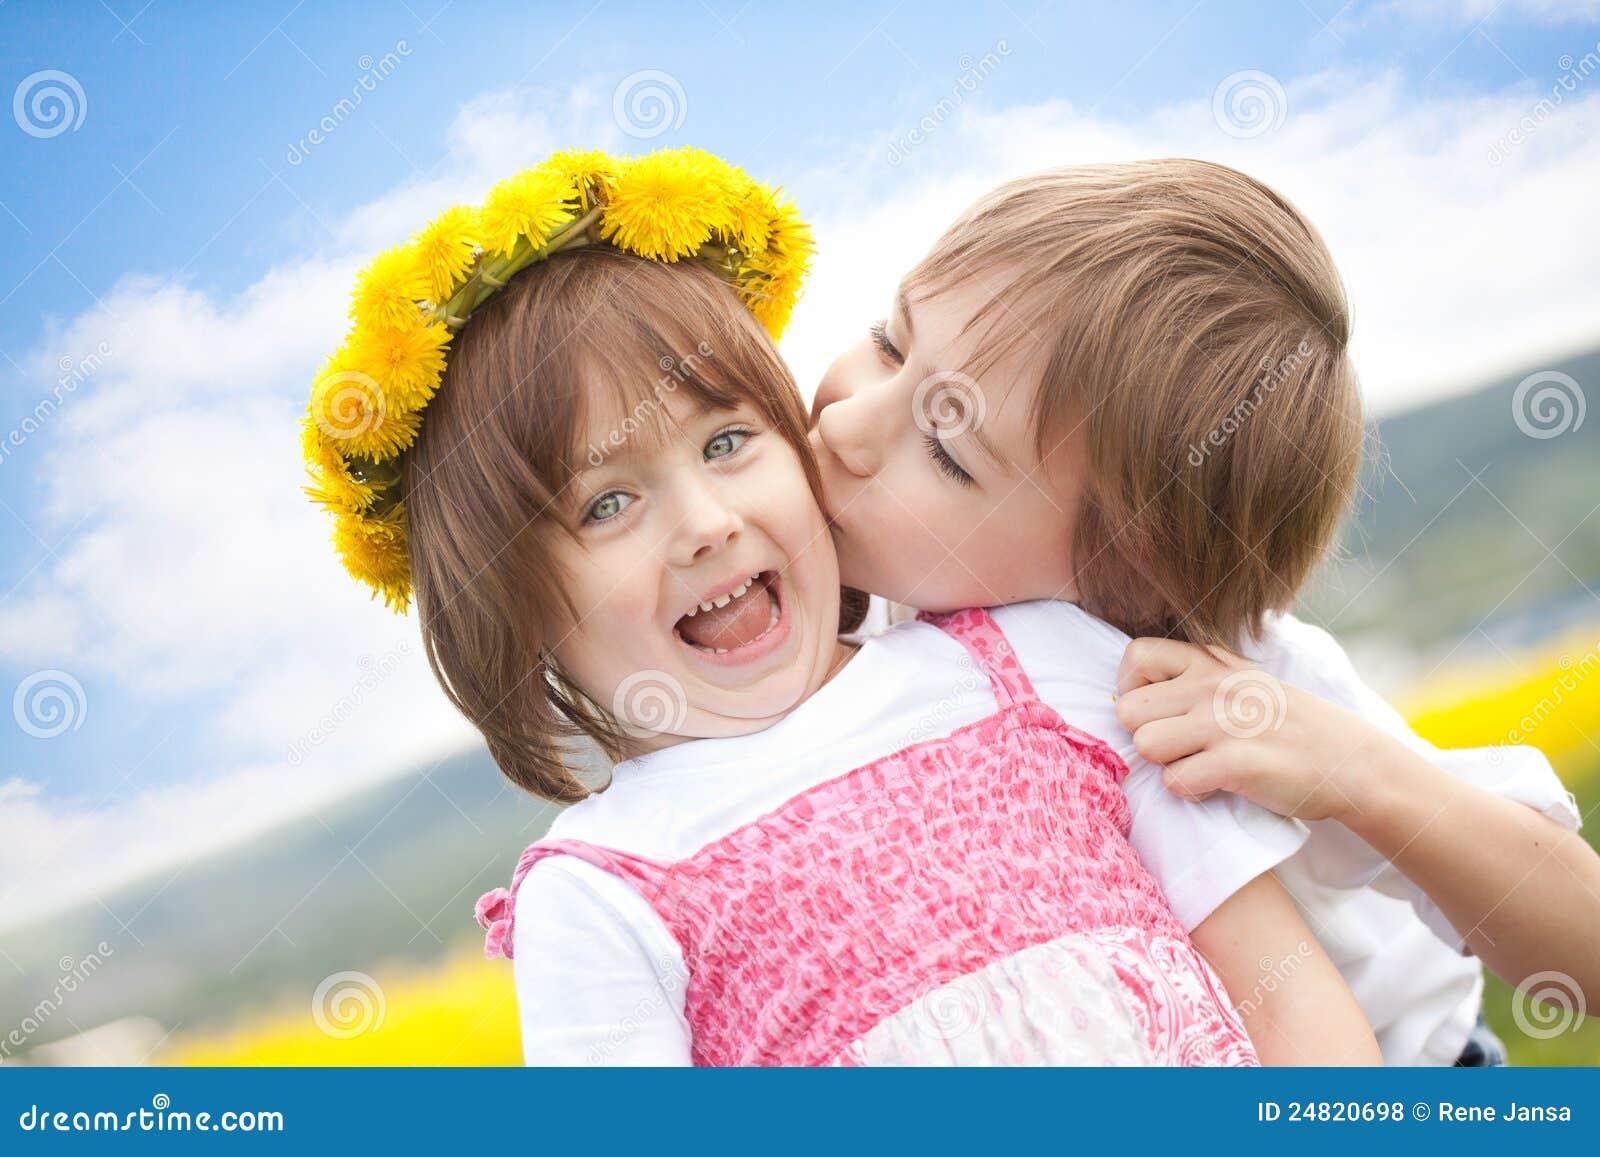 Kussen Voor Kinderen : Het leuke jonge kinderen kussen stock foto afbeelding bestaande